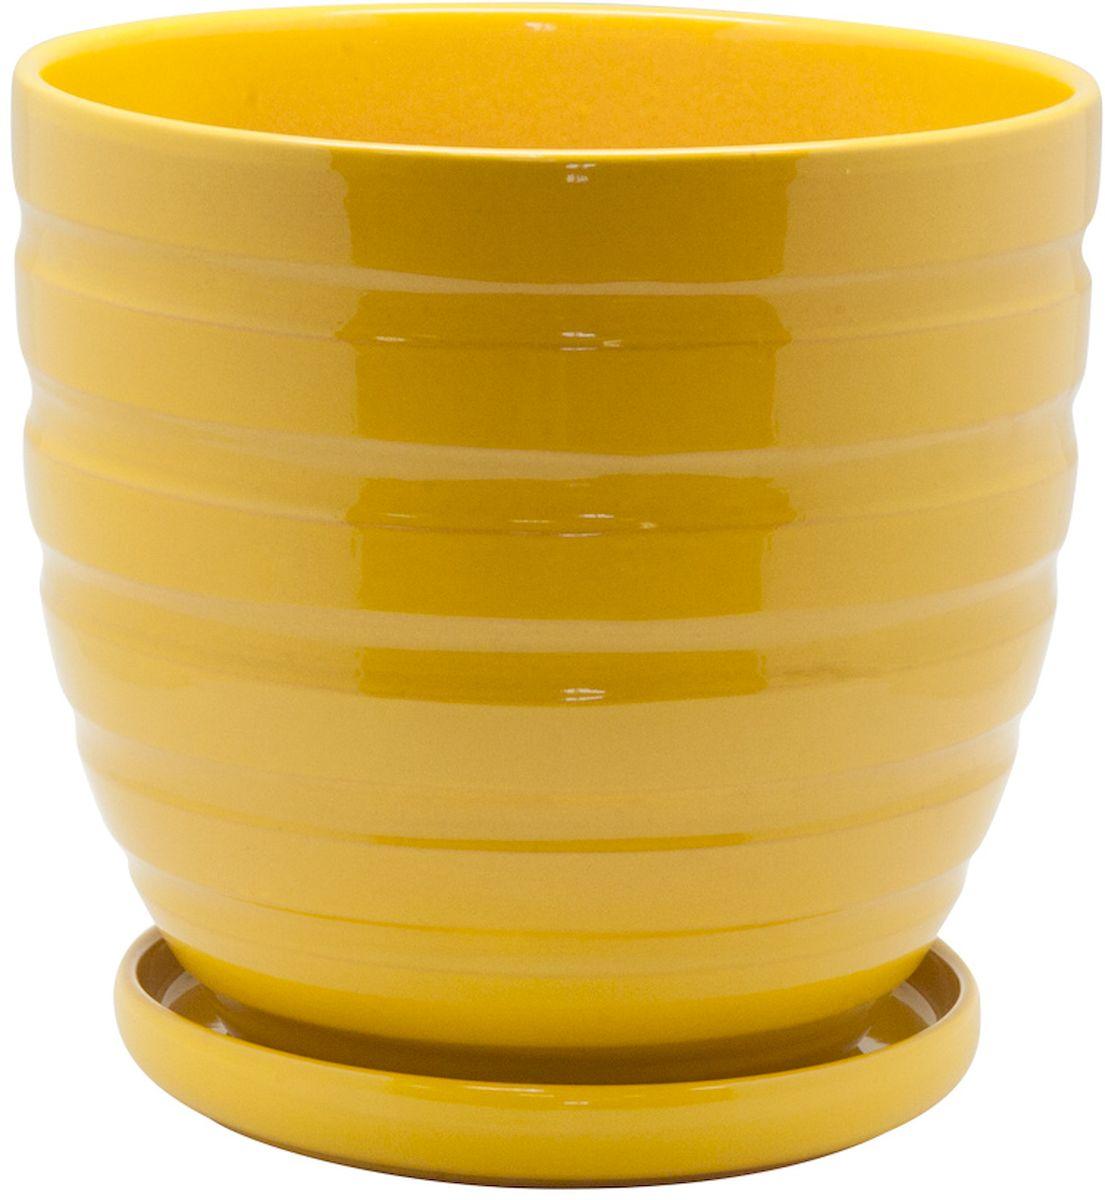 Горшок цветочный Engard, с поддоном, цвет: желтый, 4,7 лBH-21-3Керамический горшок Engard - это идеальное решение для выращивания комнатных растений и создания изысканности в интерьере. Керамический горшок сделан из высококачественной глины в классической форме и оригинальном дизайне.Объем: 4,7 л.